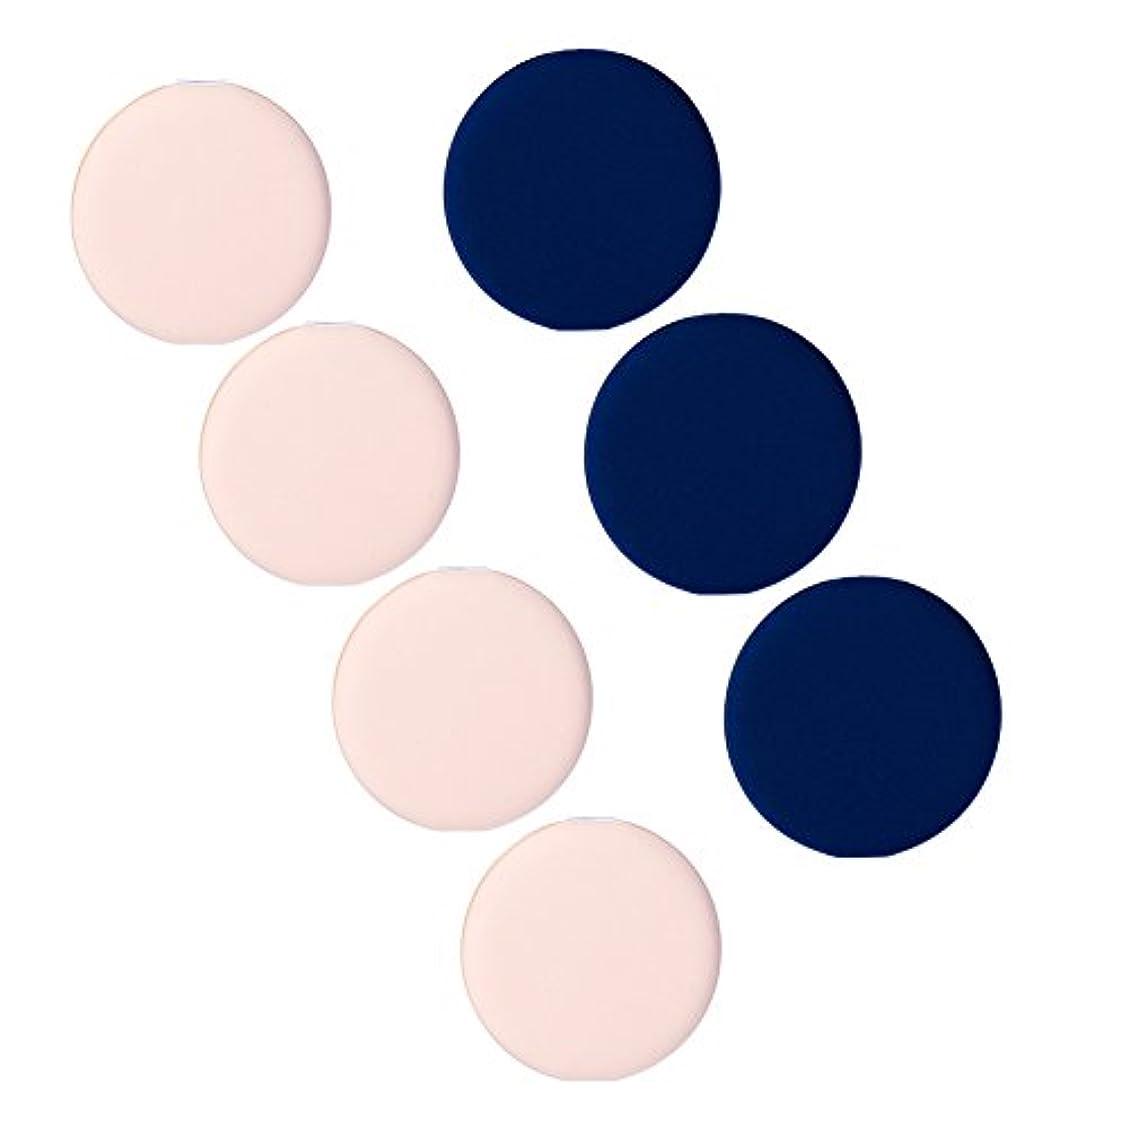 ミリメートルポスターソケット7個/セット ミニメイクアップ  パウダーファンデーション BBクリームエアクッションパフ  化粧品用具